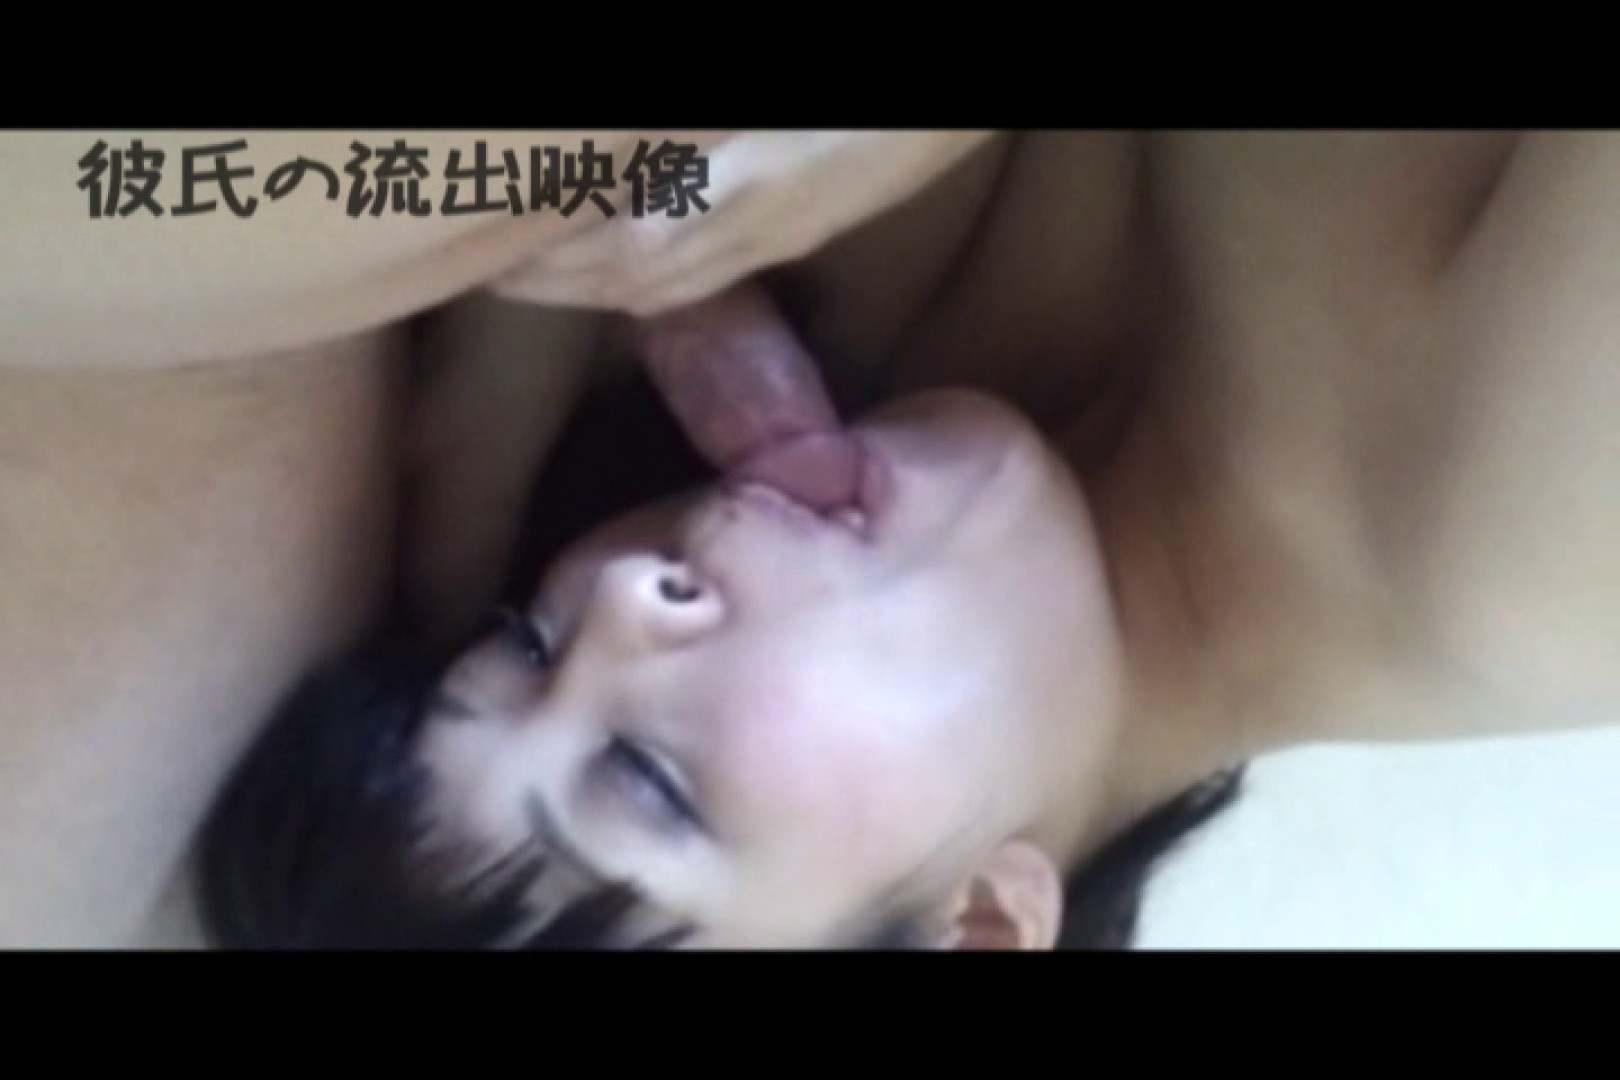 彼氏が流出 パイパン素人嬢のハメ撮り映像03 カップル AV無料 85pic 62